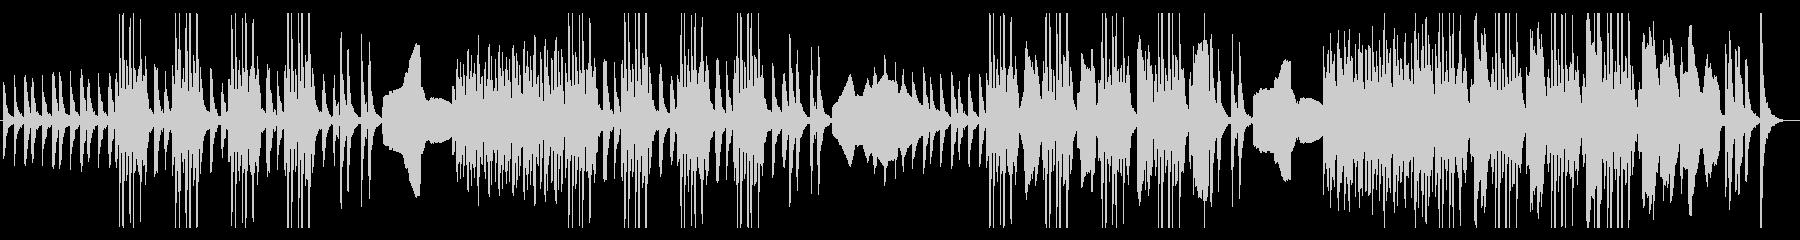 【劇伴】コメディータッチ_おとぼけの未再生の波形